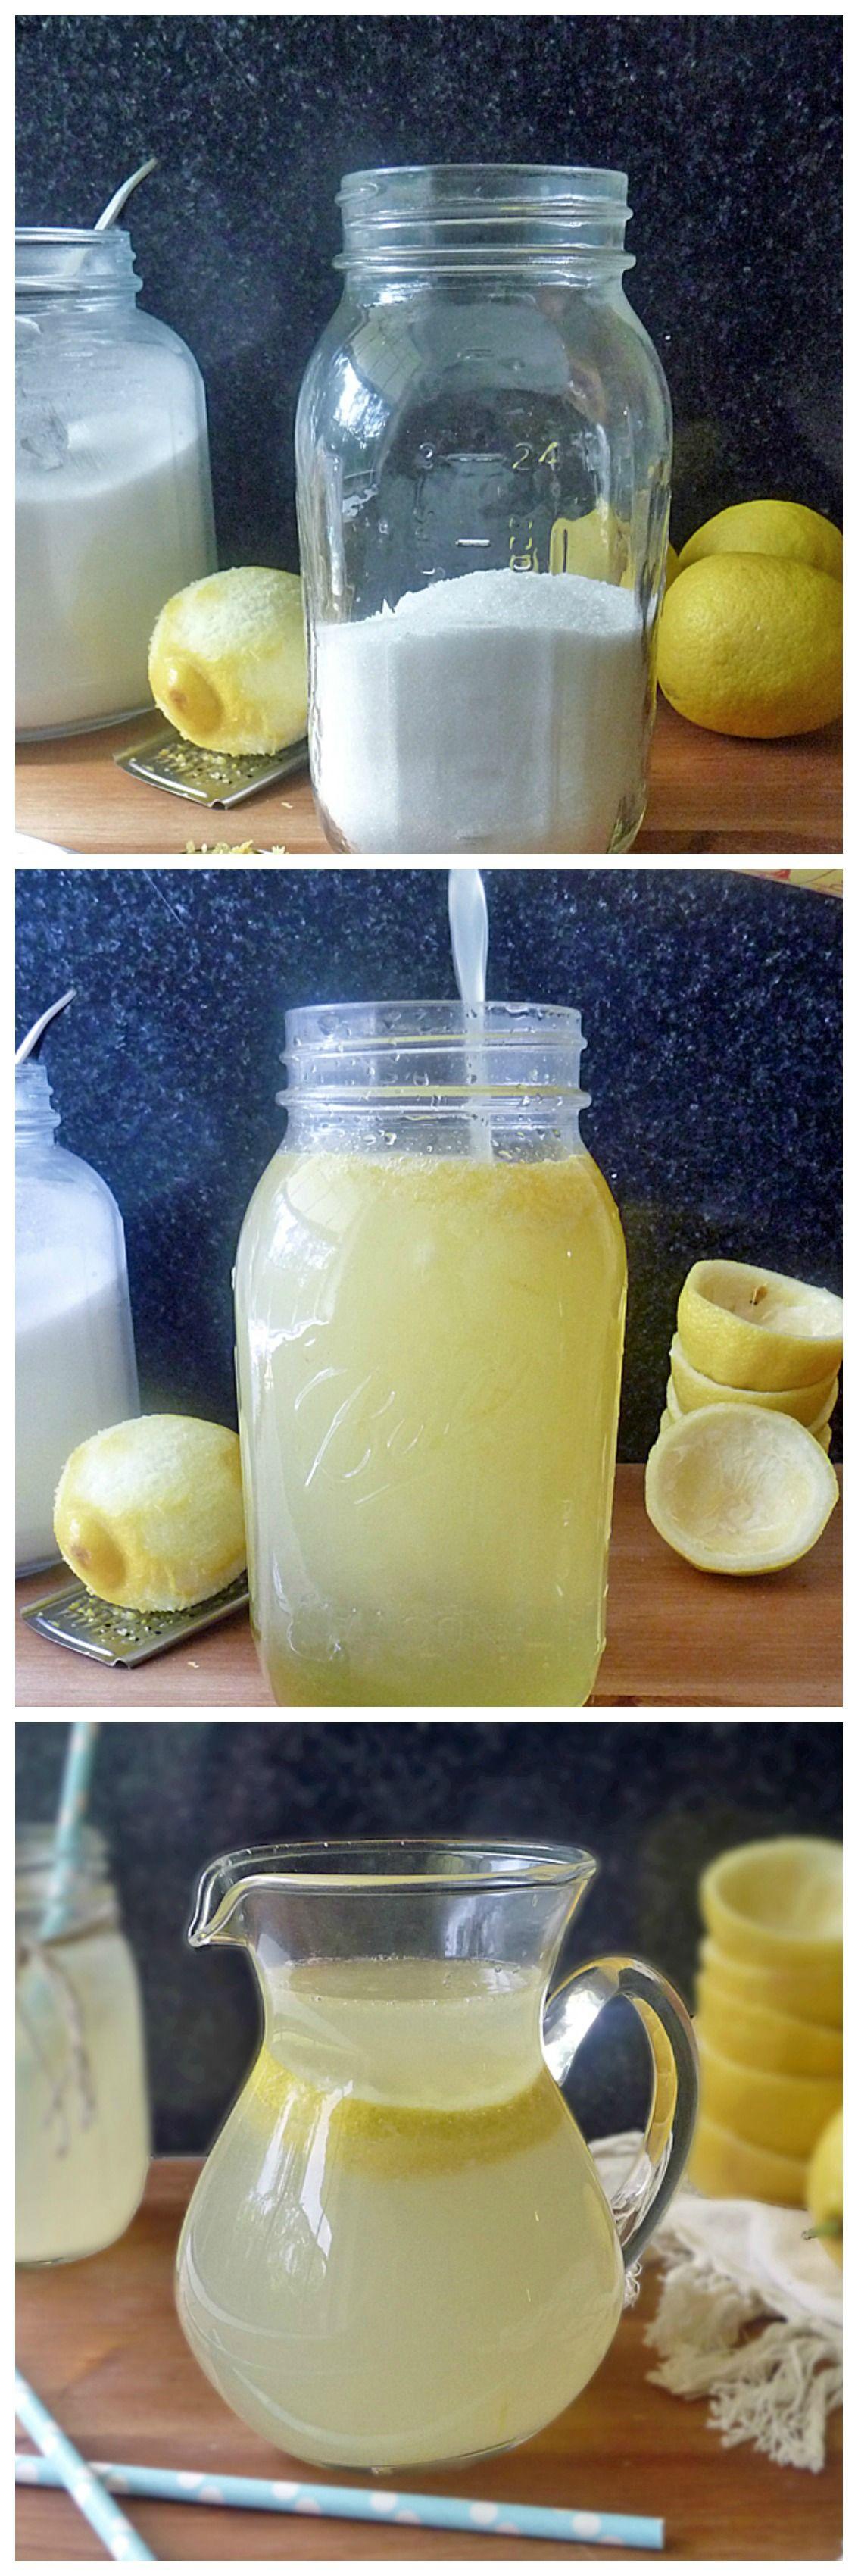 How to make lemonade at home